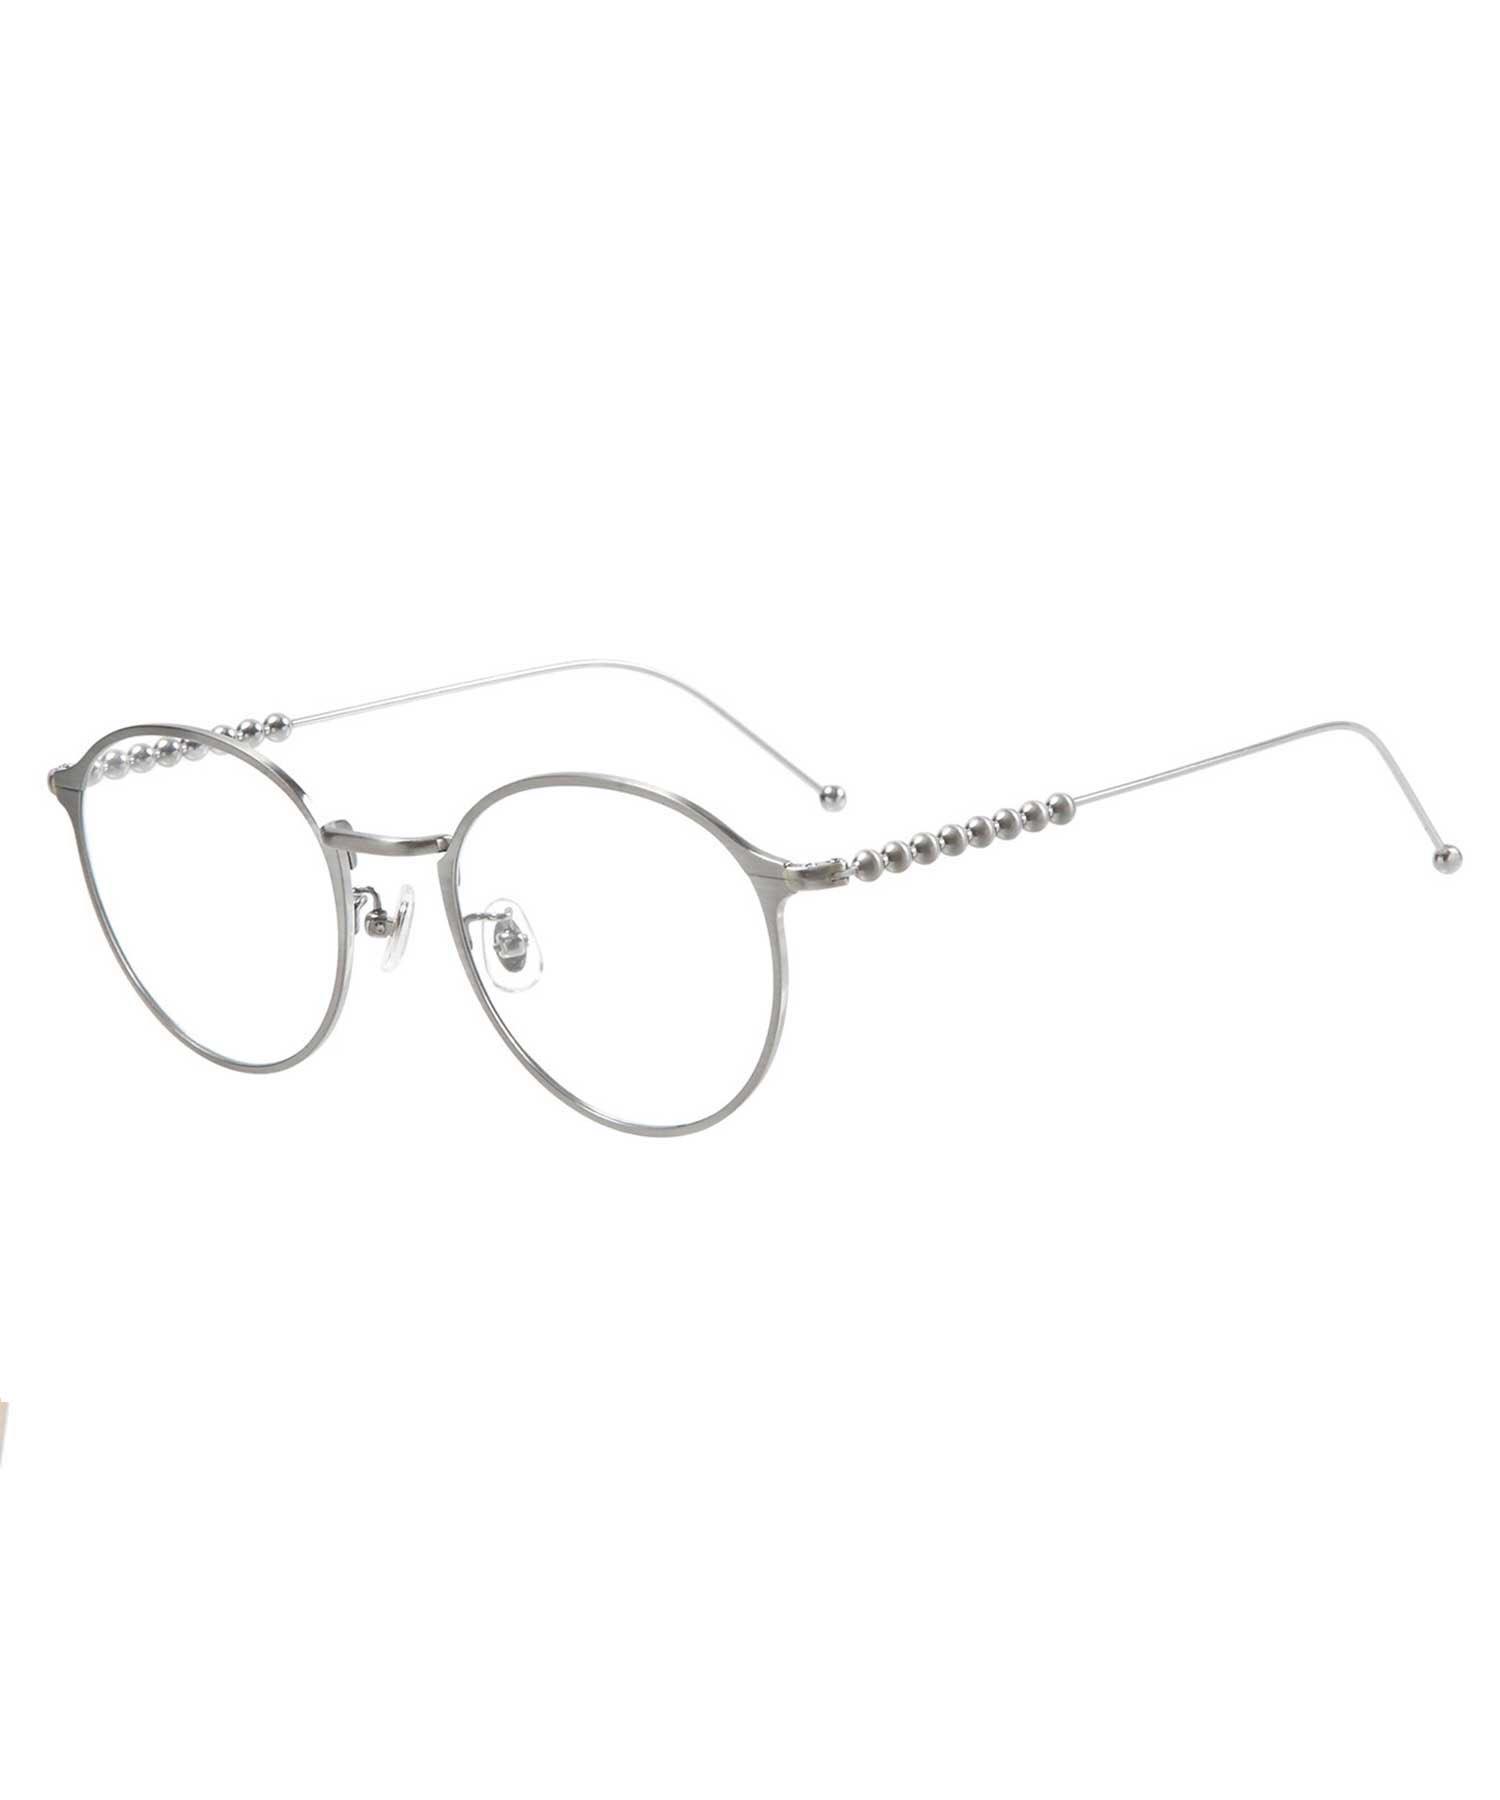 可愛すぎるメガネ発見!可愛すぎるから絶欲しいよ〜。